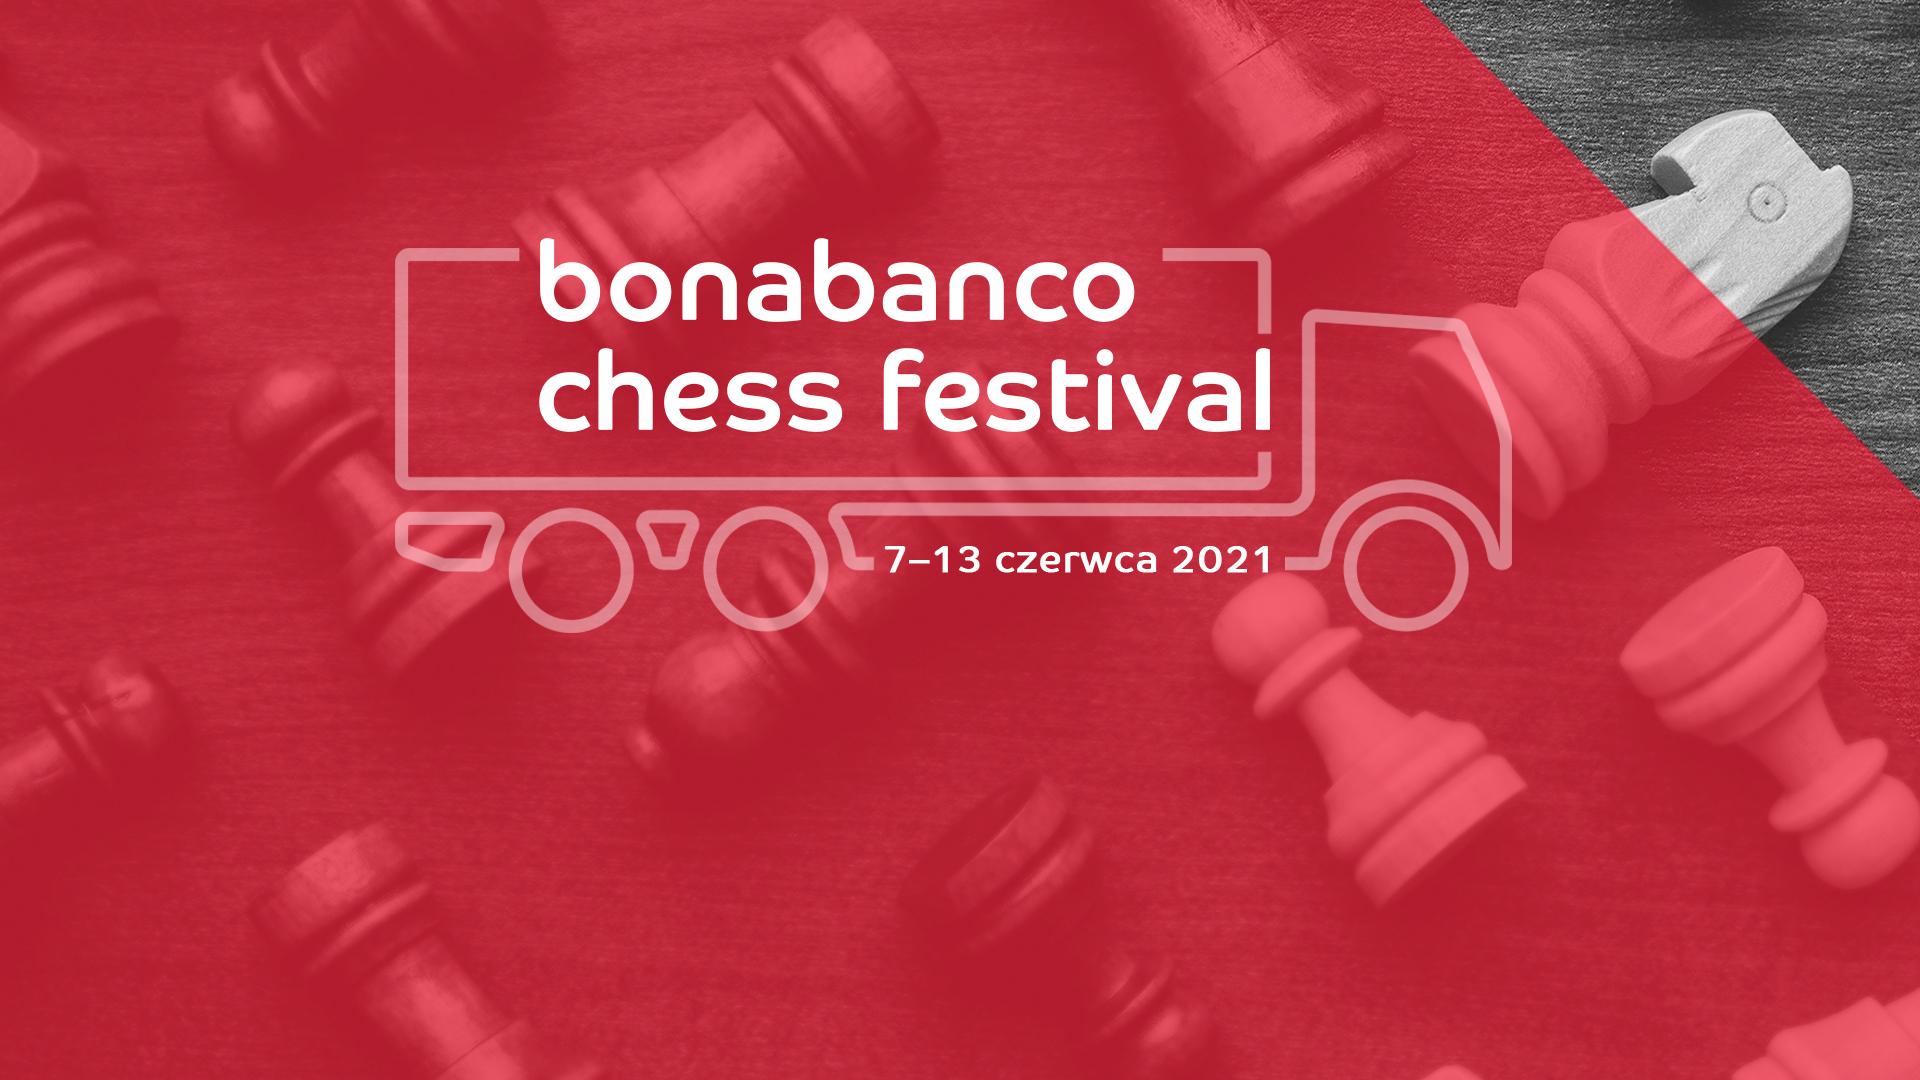 Pierwsza impreza szachowa dla branży TSL w Polsce!